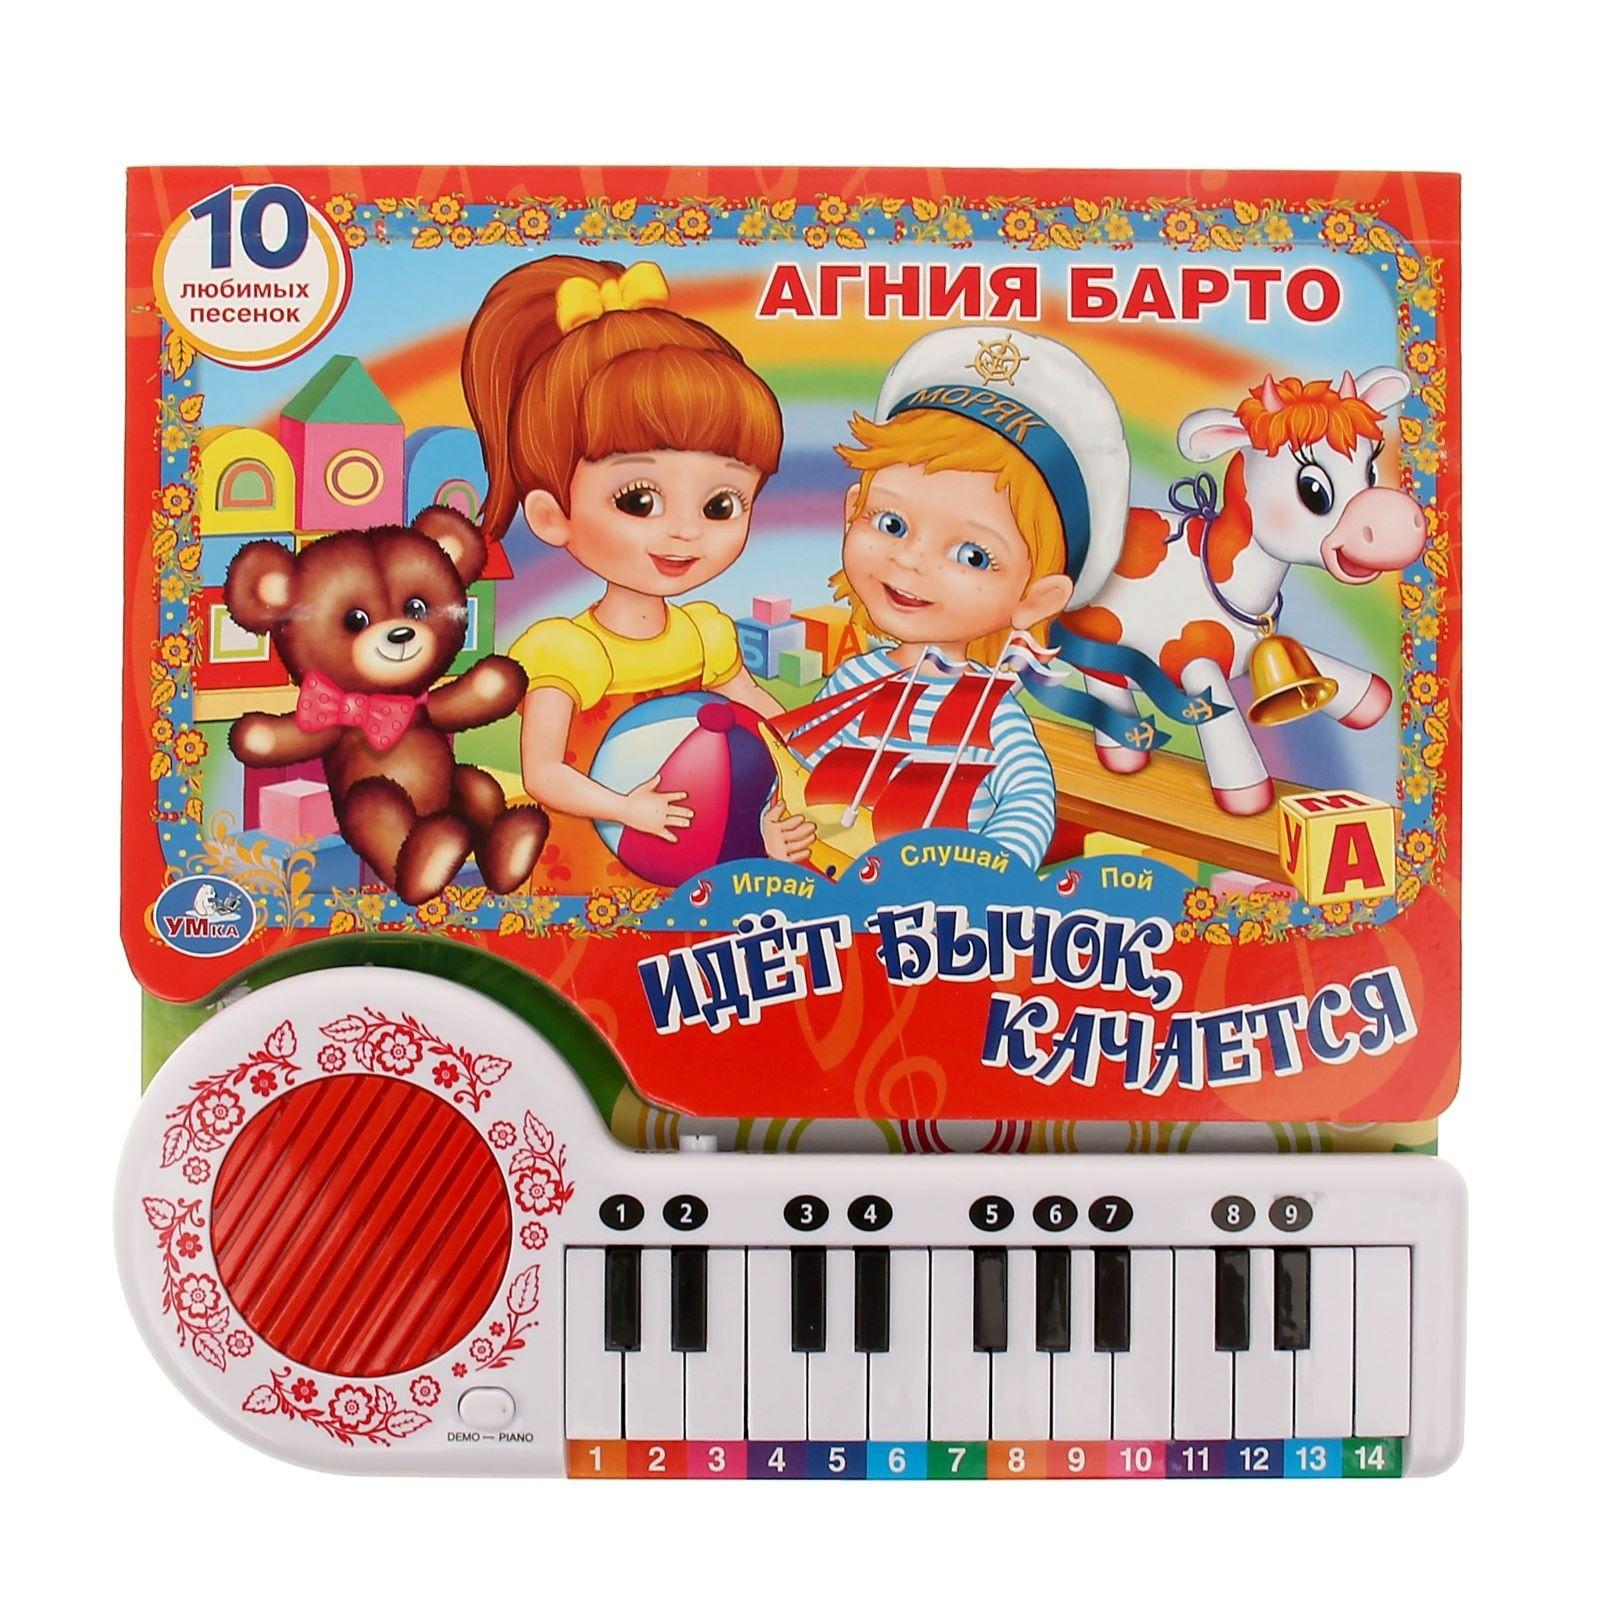 Книга-пианино - А. Барто - Идет бычок качается, 23 клавиши и песенкиКниги со звуками<br>Книга-пианино - А. Барто - Идет бычок качается, 23 клавиши и песенки<br>